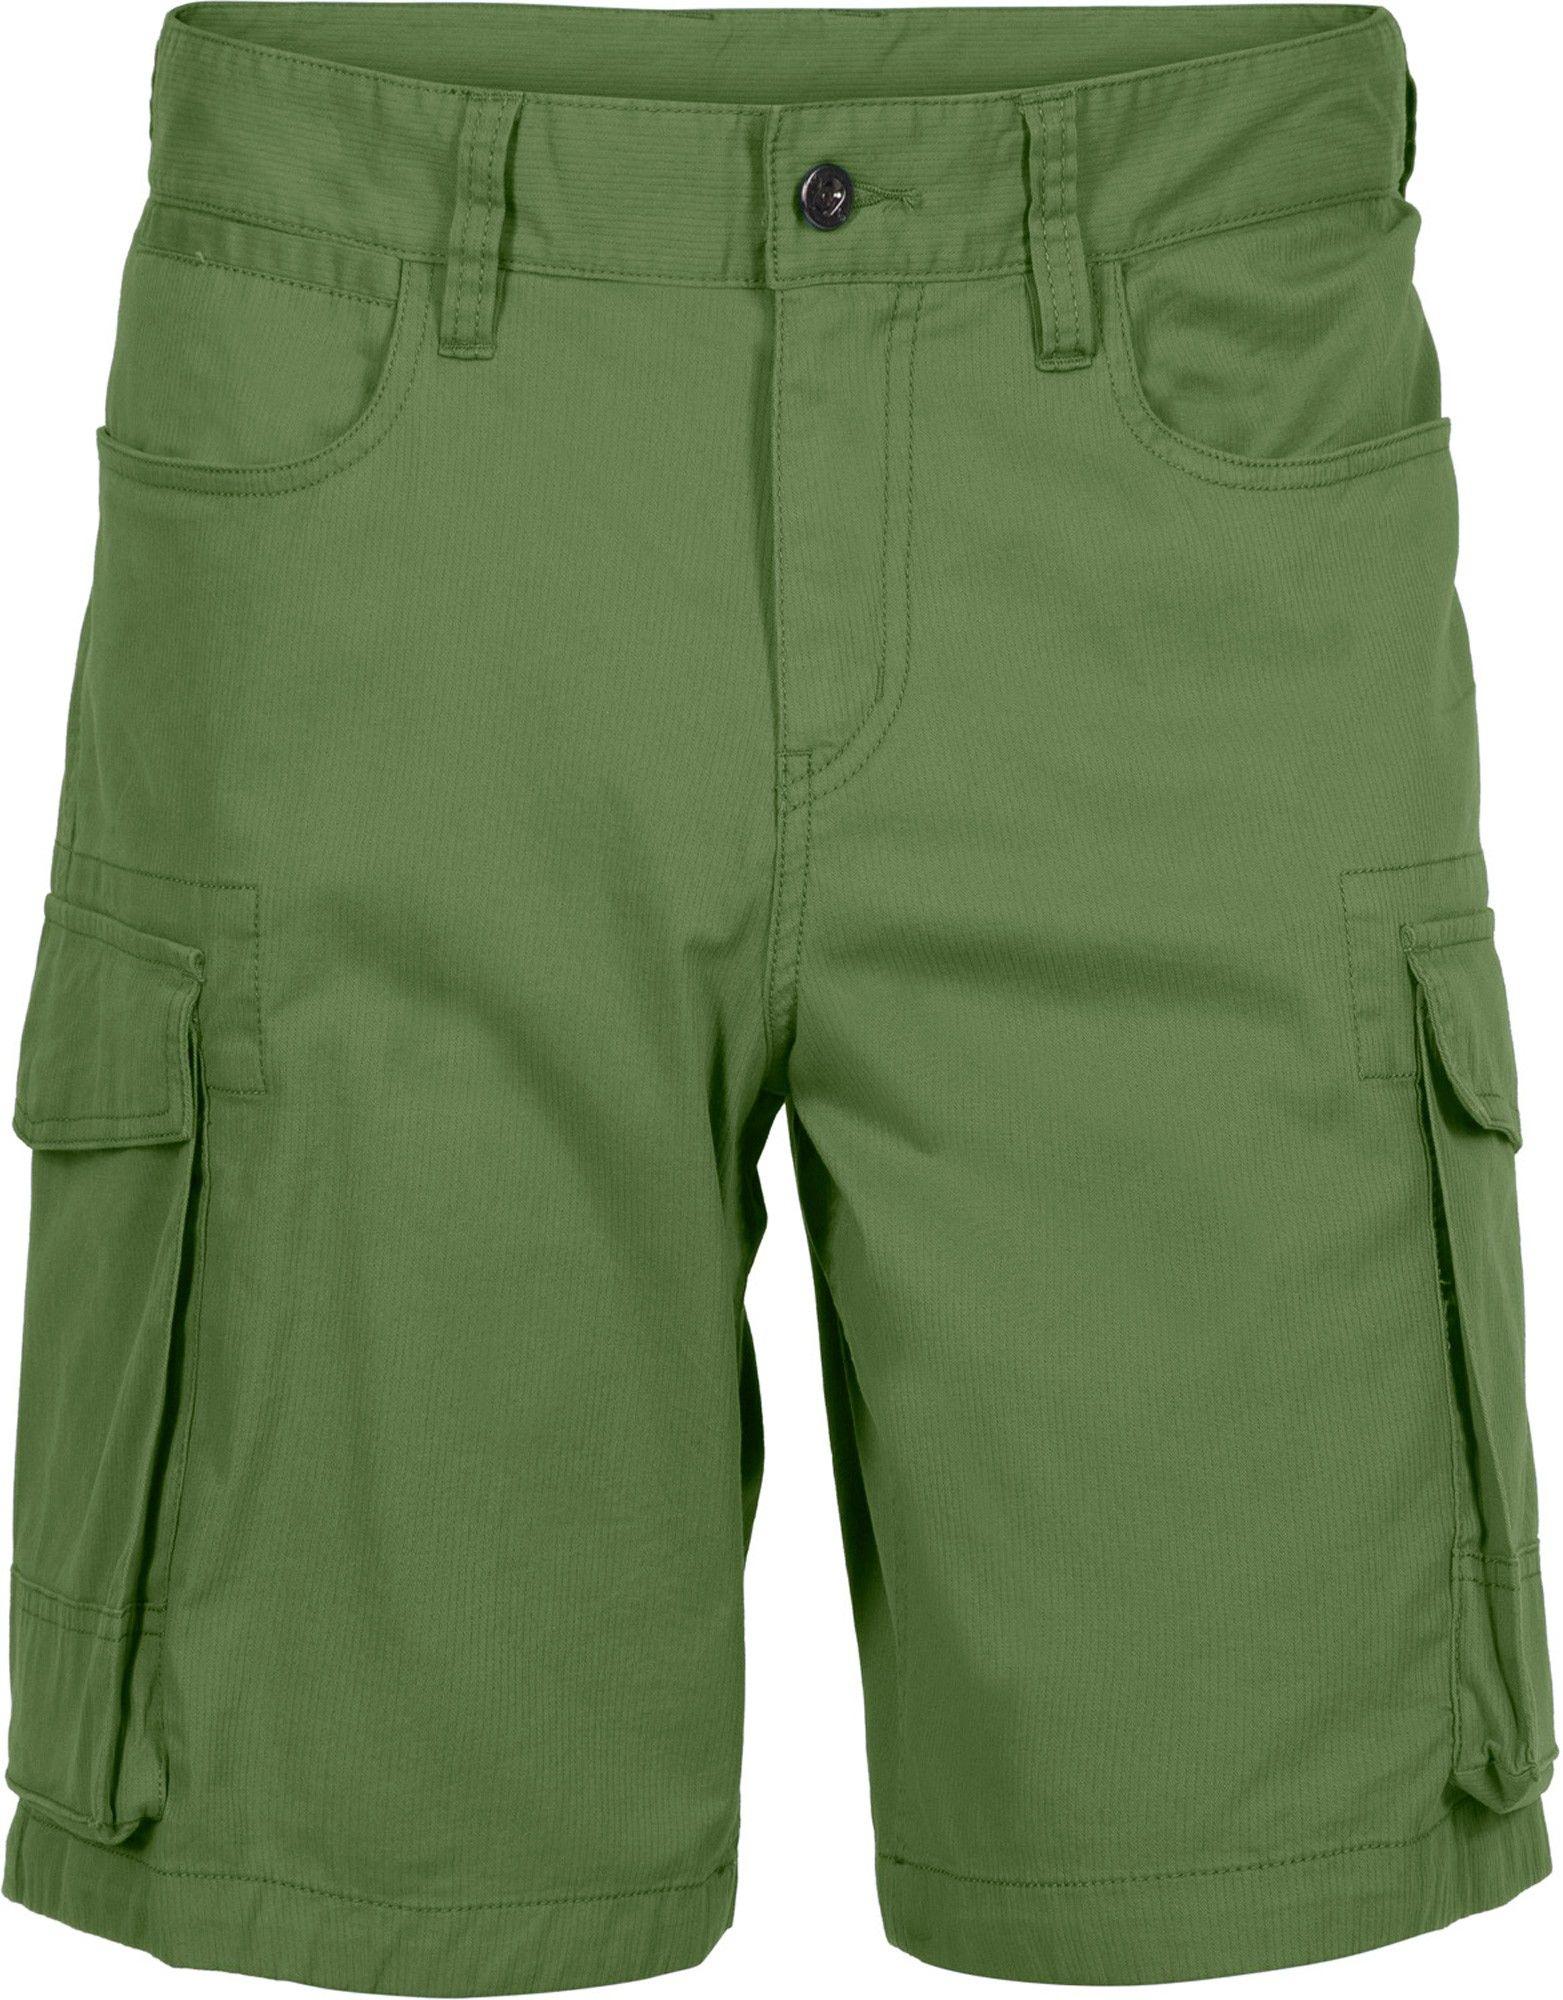 Norrona M /29 Cargo Shorts | Herren